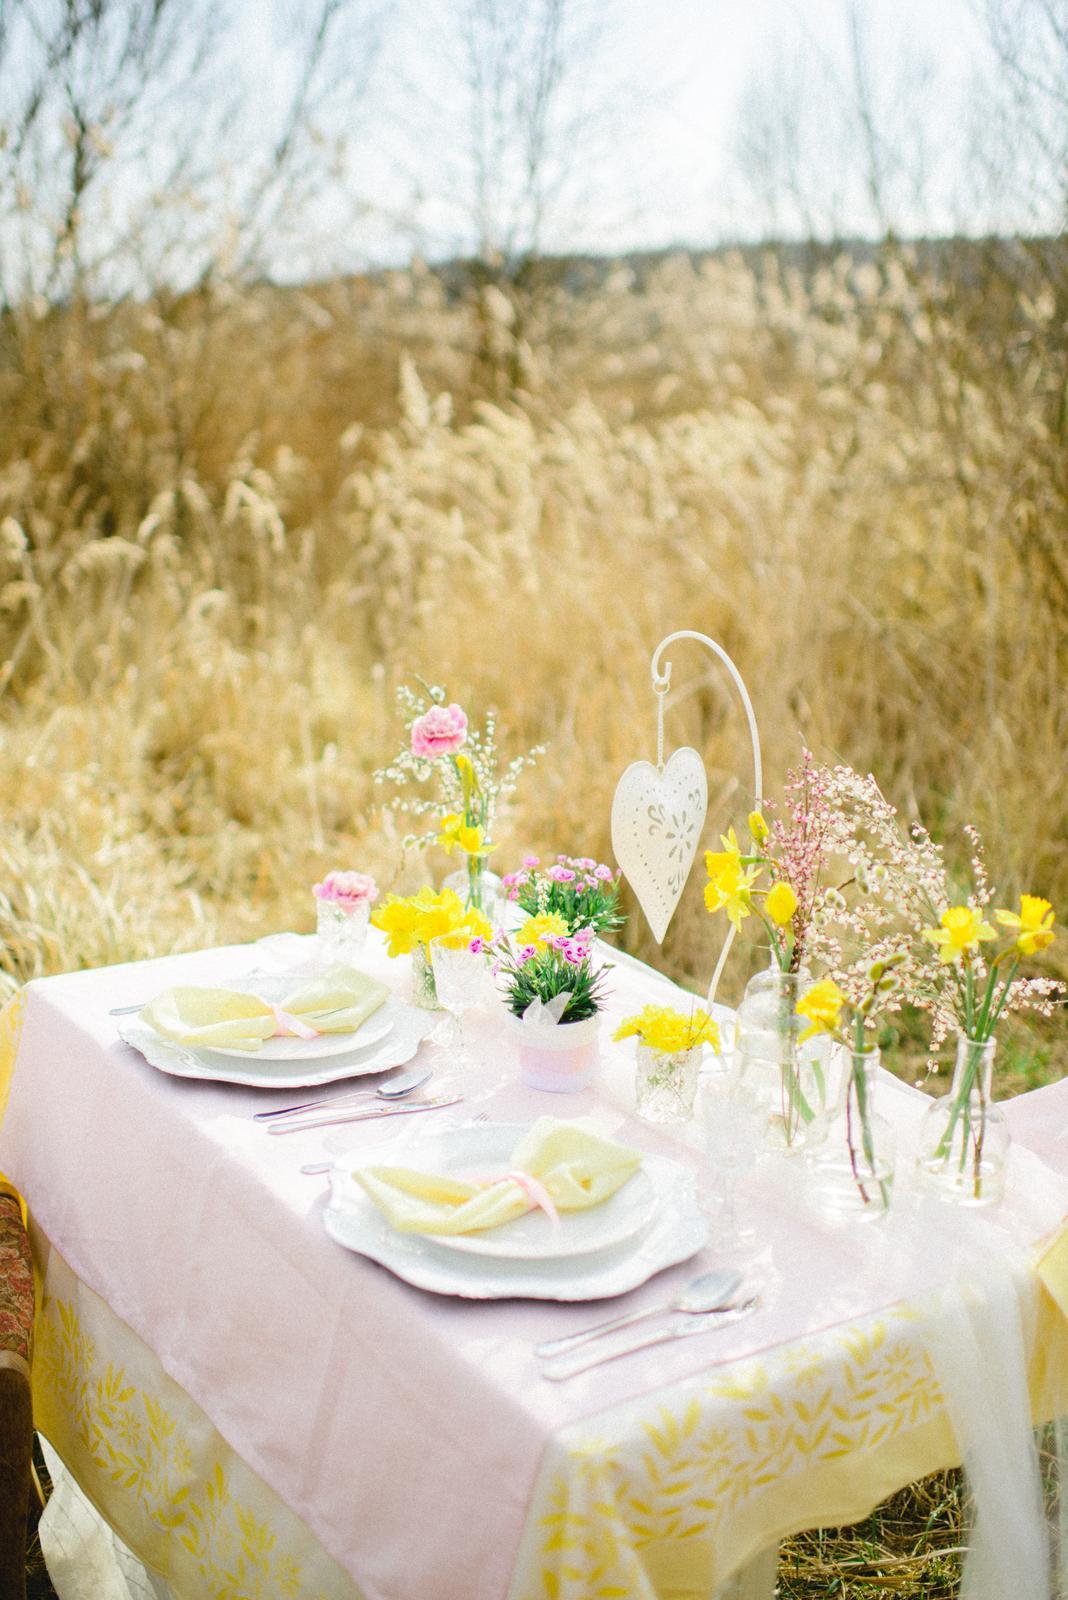 Jarné rande foto - moja srdcová záležitosť a hobby :) - Obrázok č. 3